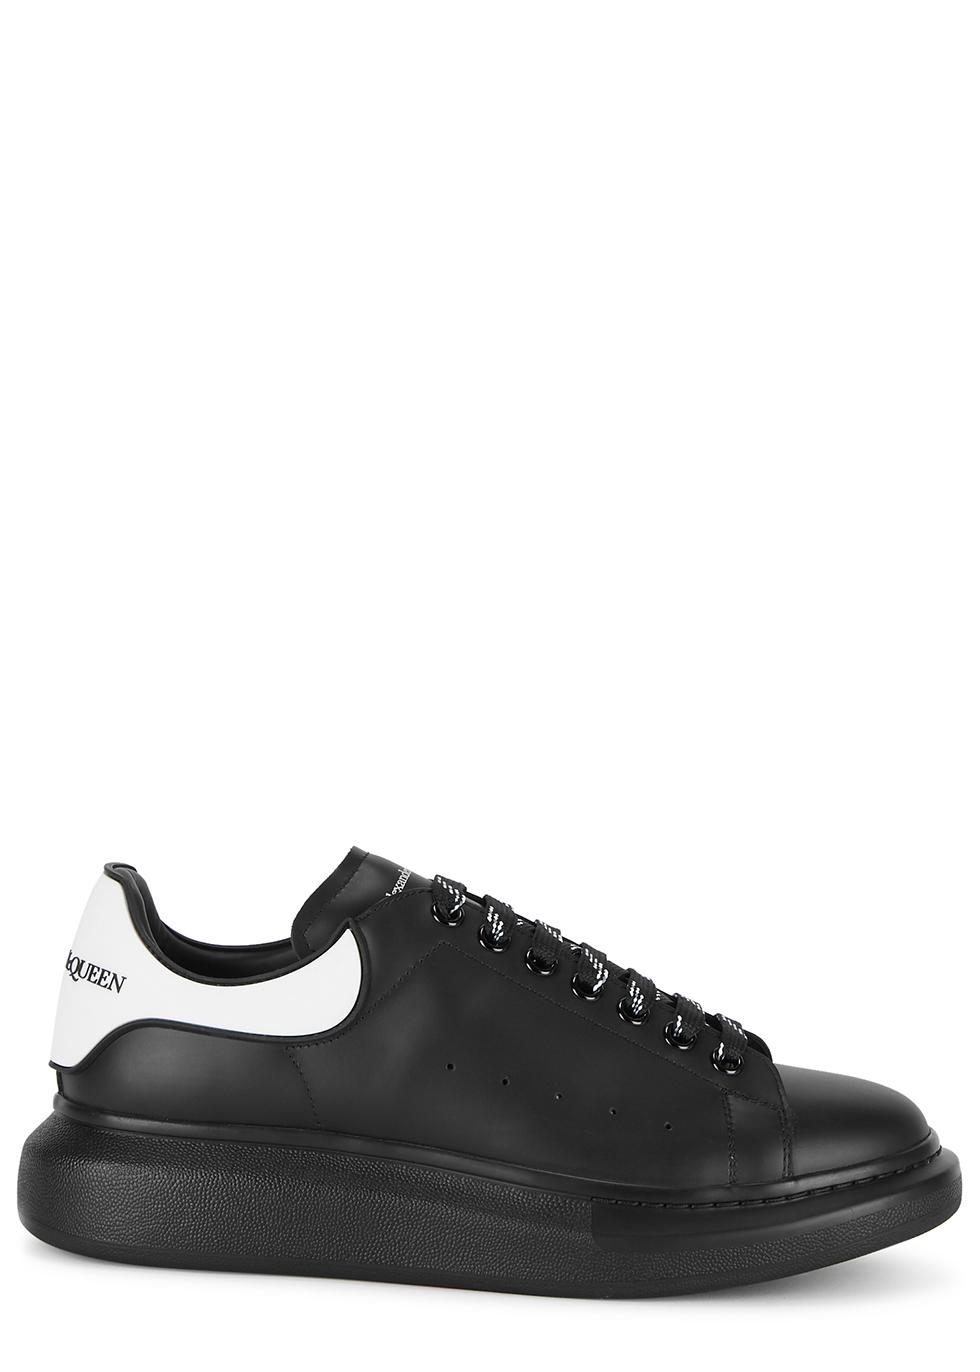 alexander mcqueen trainers black